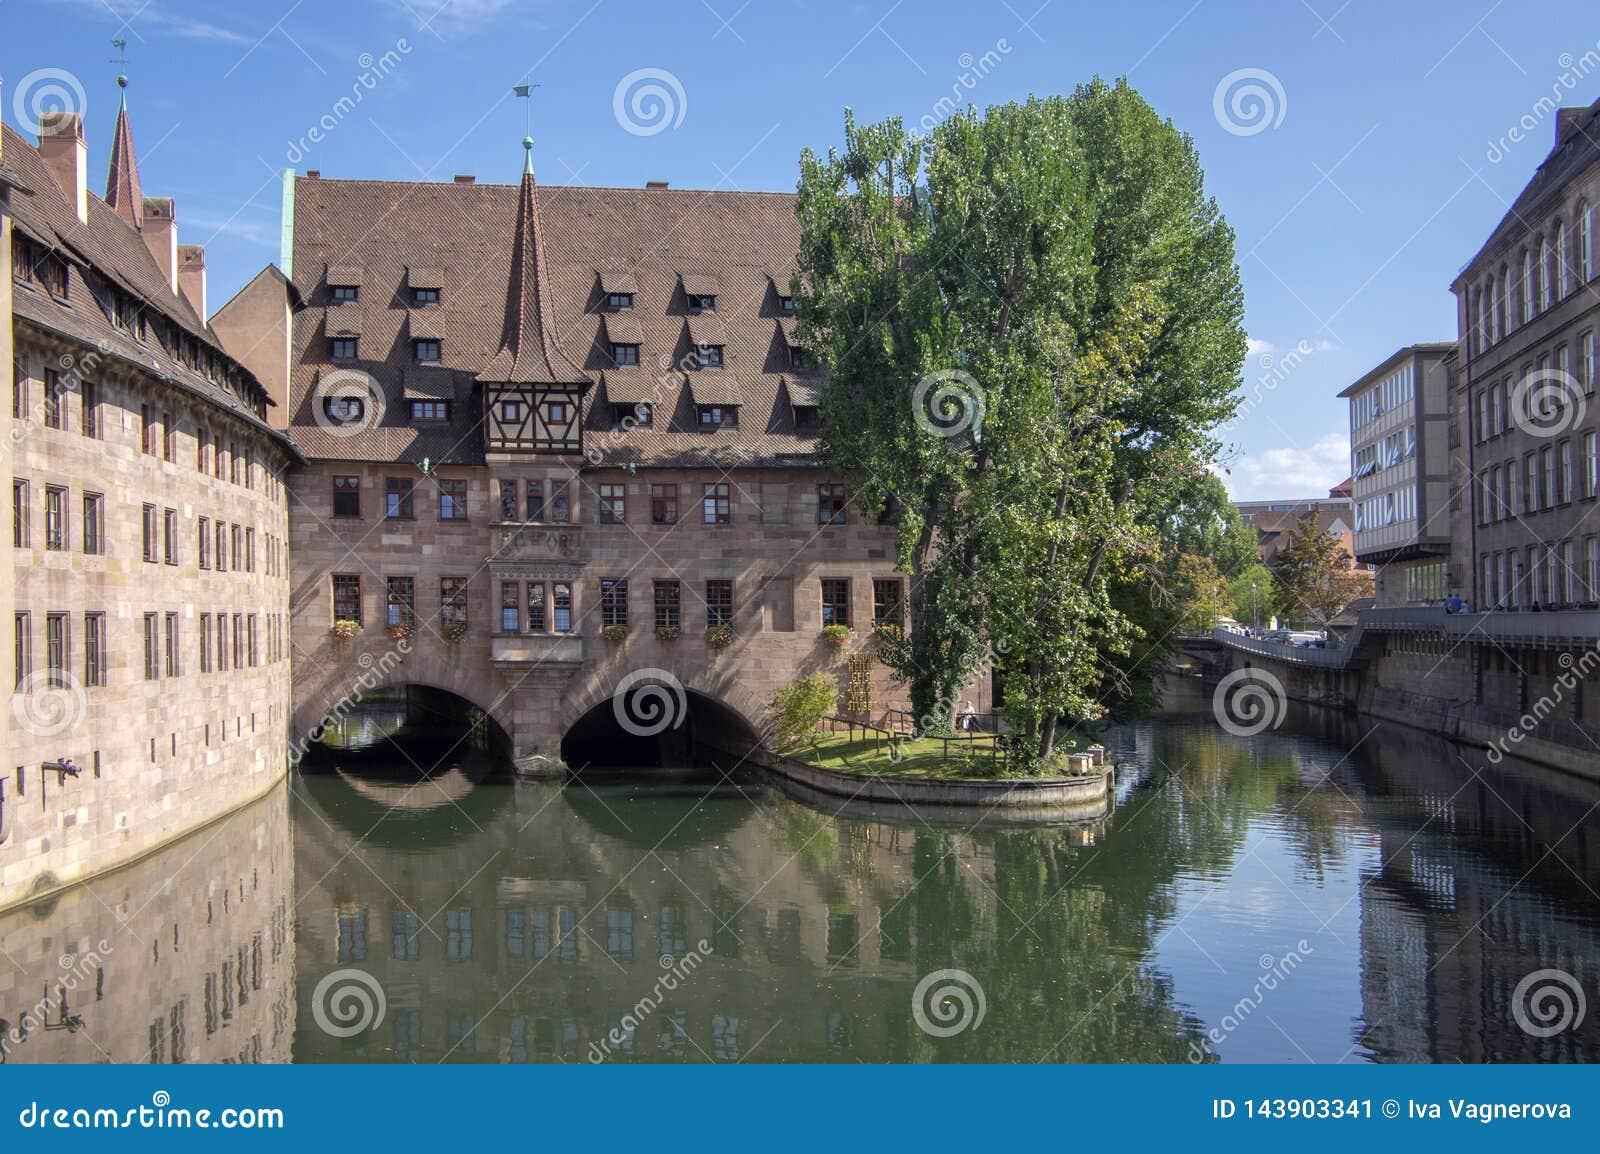 Nuremberg/ALEMANIA - 17 de septiembre de 2018: Heilig-Geist-Spital, hospicio del bulding histórico hermoso del Espíritu Santo en